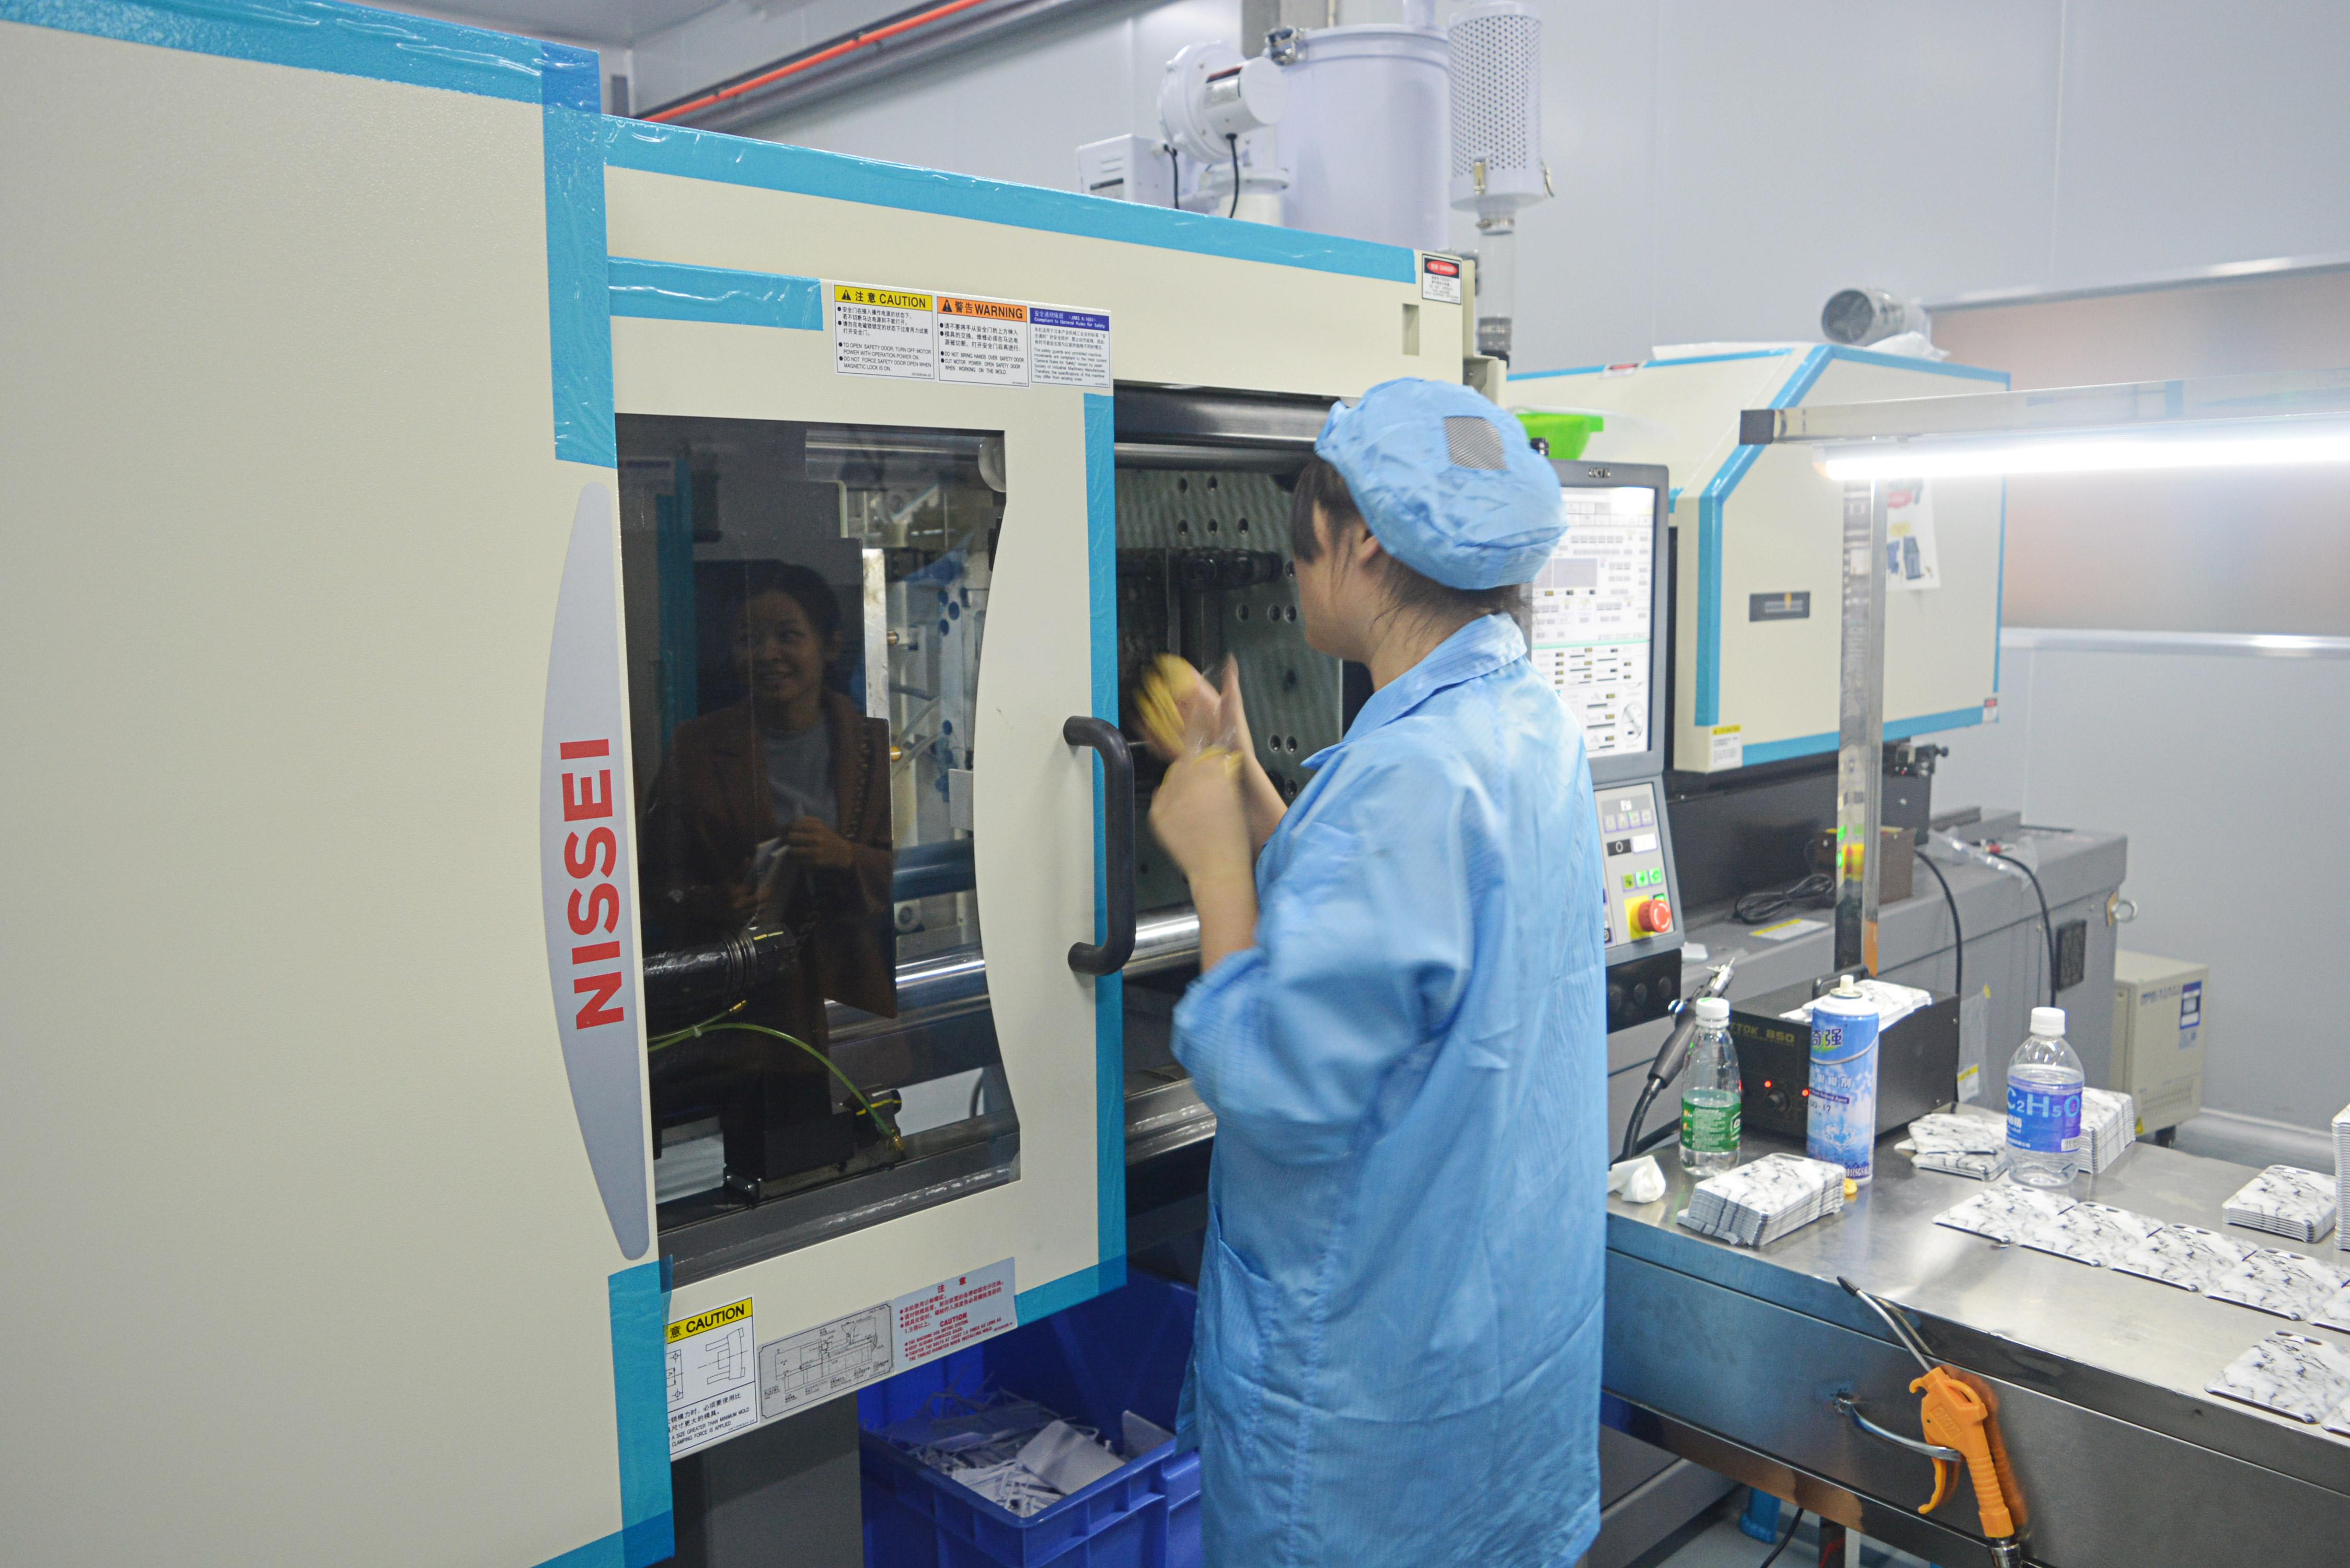 昱卓模具厂如何进行绿色环保生产运作